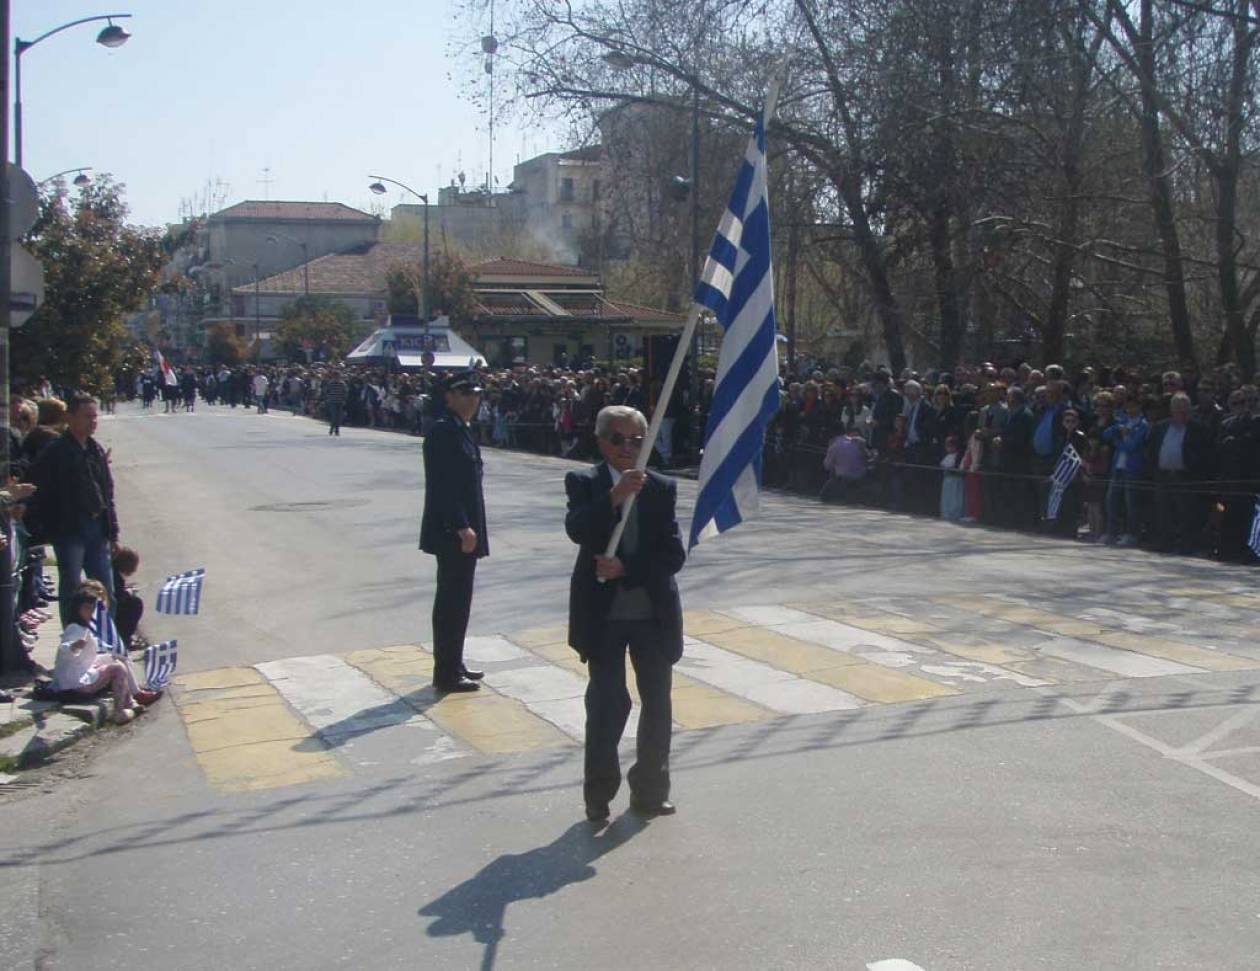 Εξαφανίστηκαν οι βουλευτές των Τρικάλων από την παρέλαση!